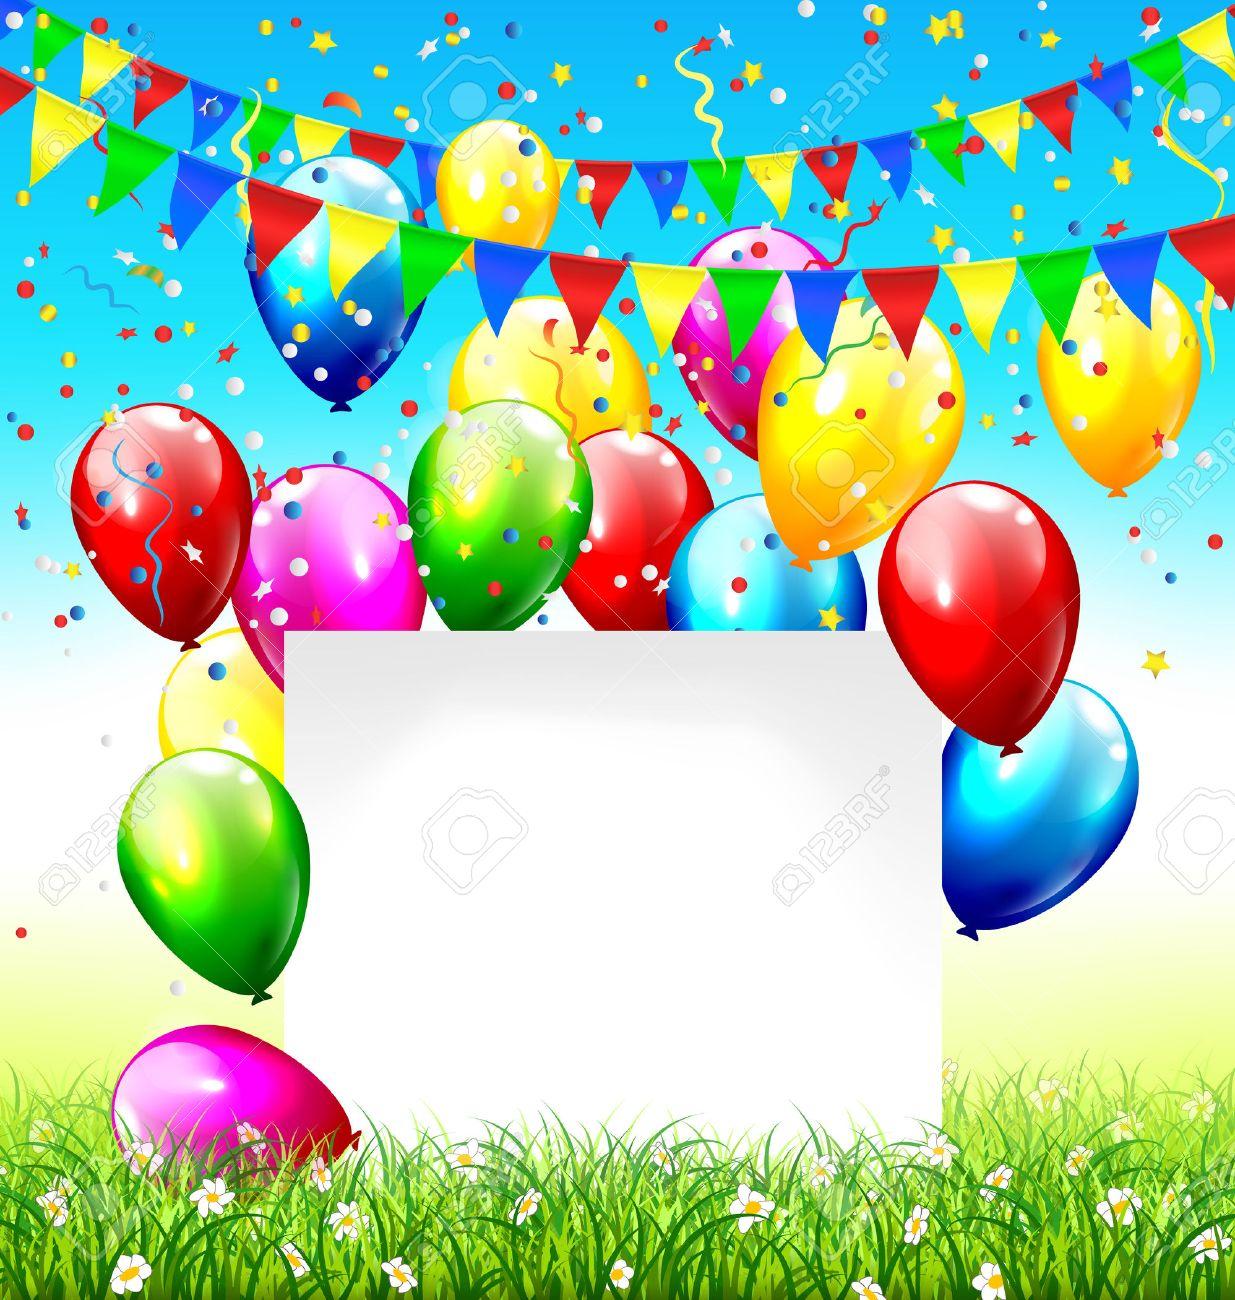 Celebración de fondo con escribanos marco globos de papel césped y confeti  en el fondo del 583621e4af6